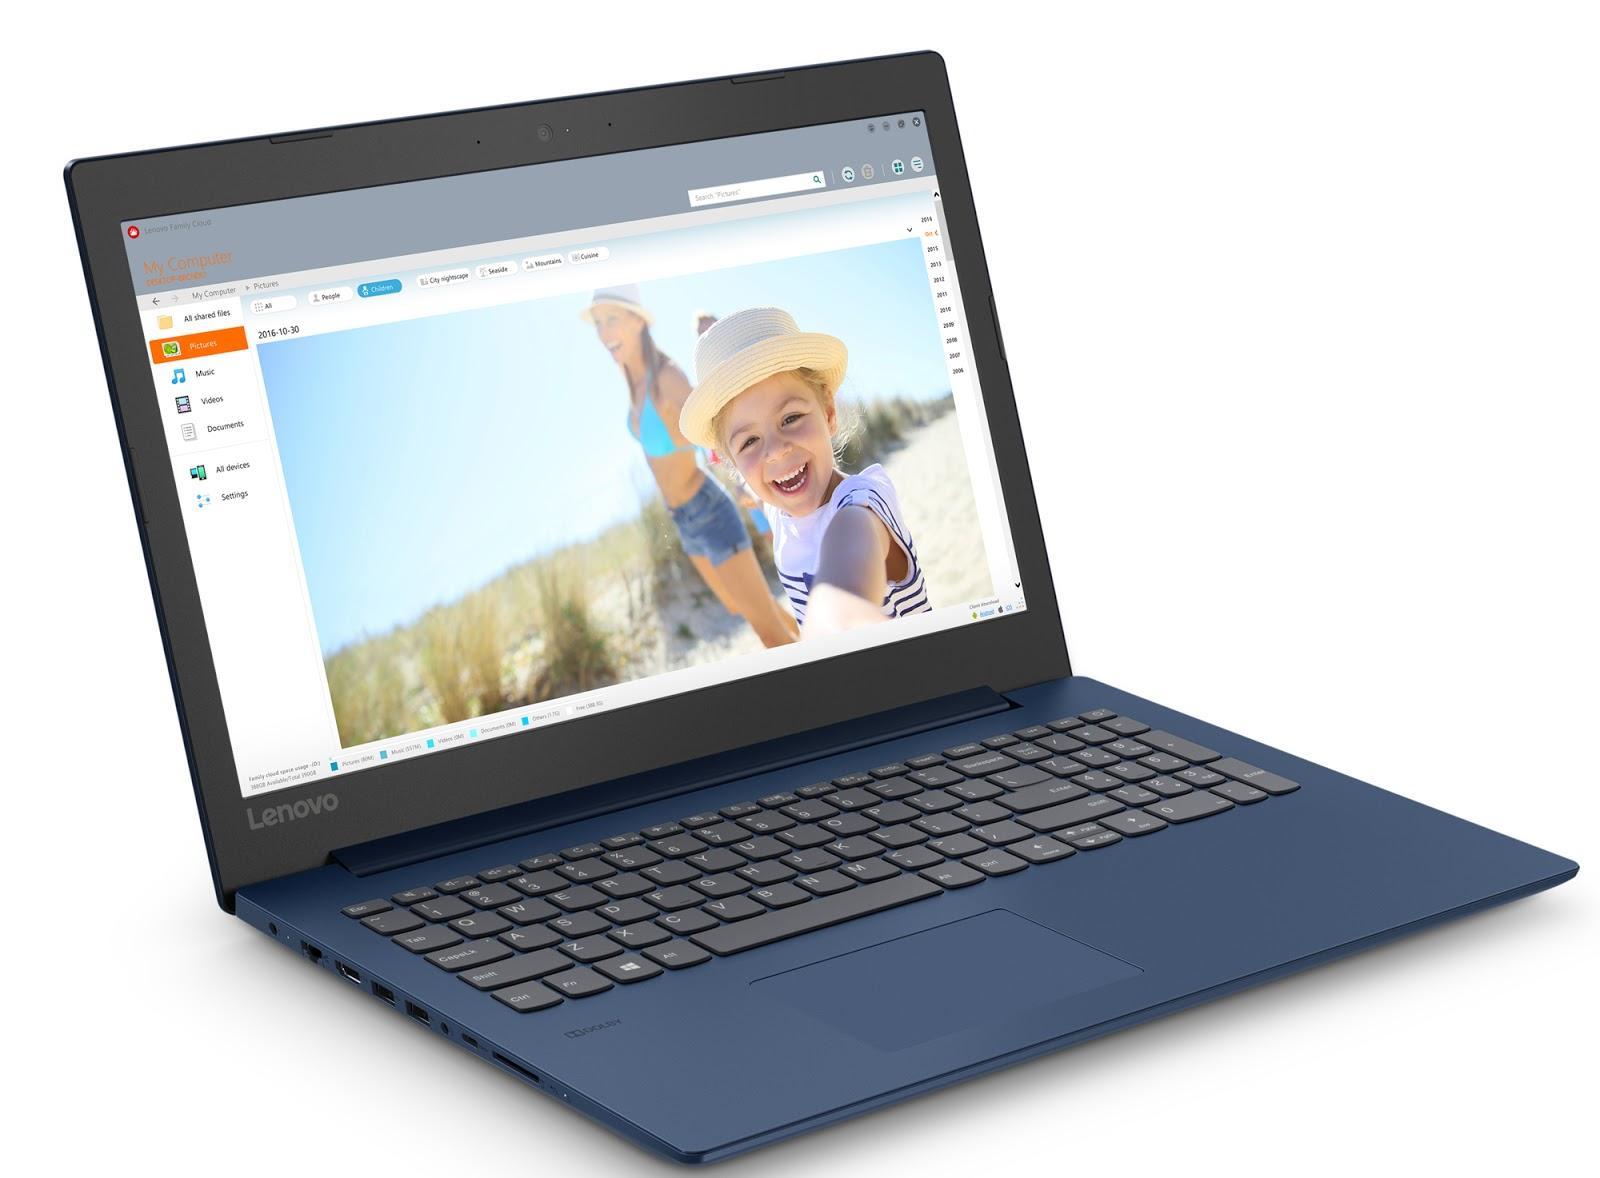 Фото 2. Ноутбук Lenovo ideapad 330-15 Midnight Blue (81DE01WBRA)